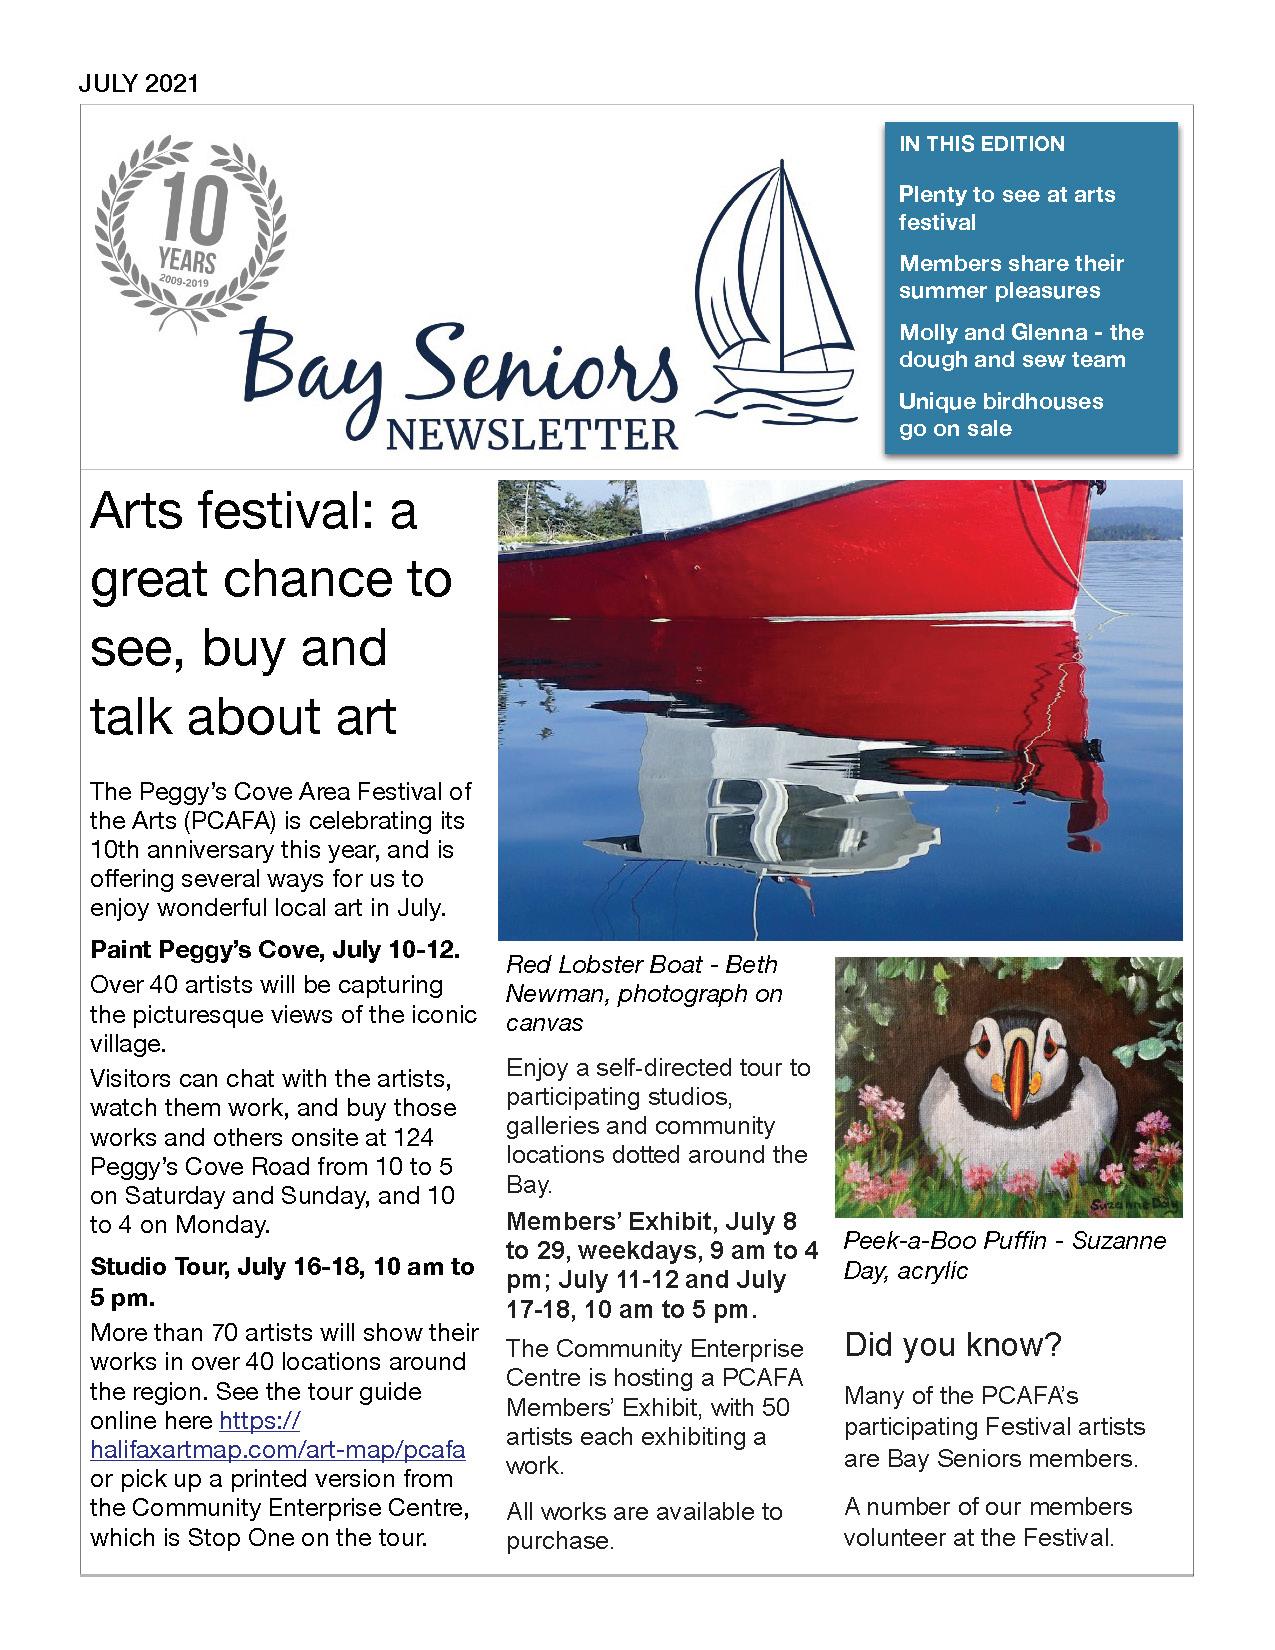 072021BaySeniorsNewsletter_COVER